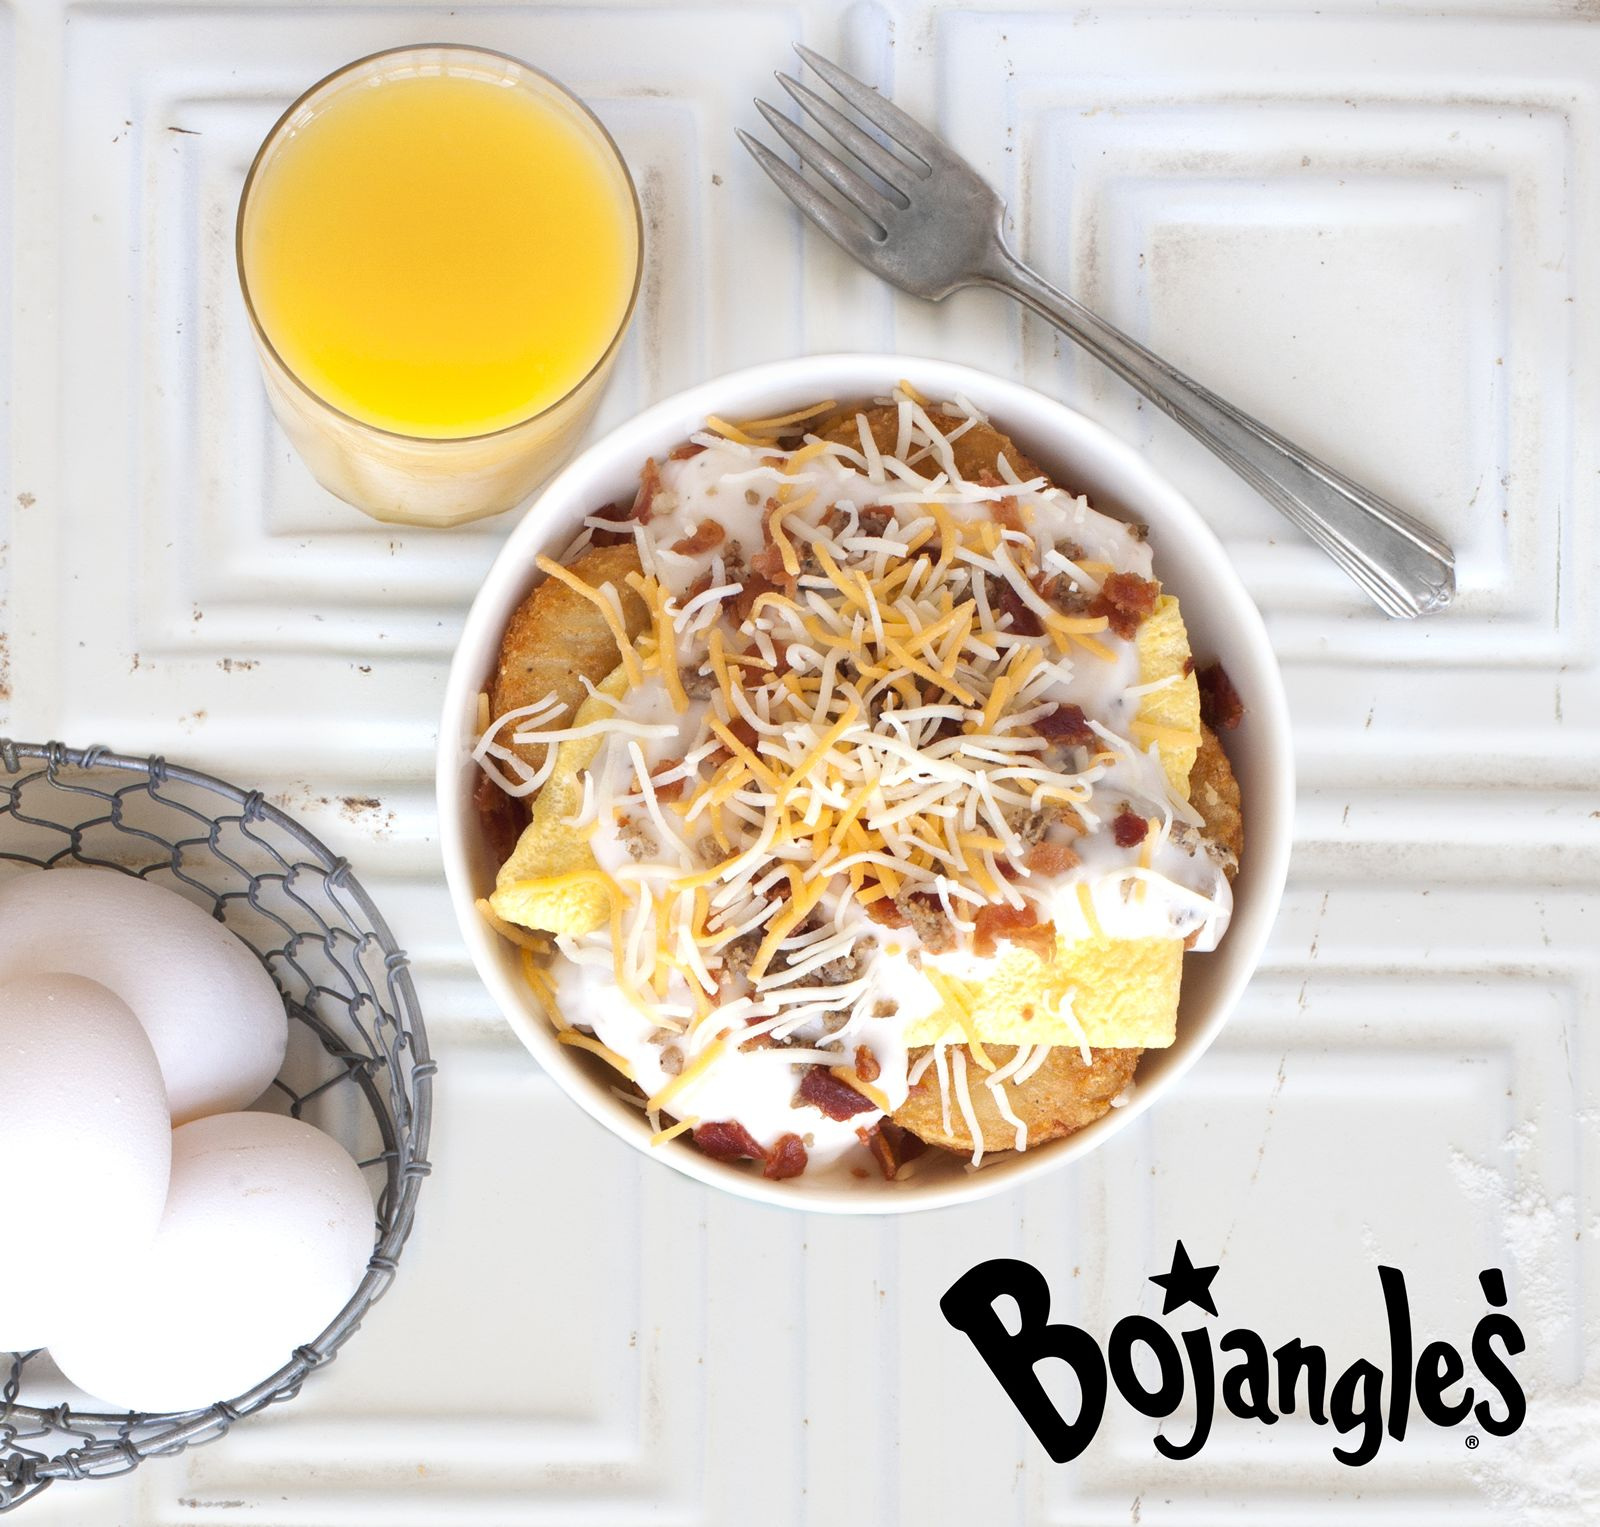 Bojangles' Bo-Tato Breakfast Bowl is Back!